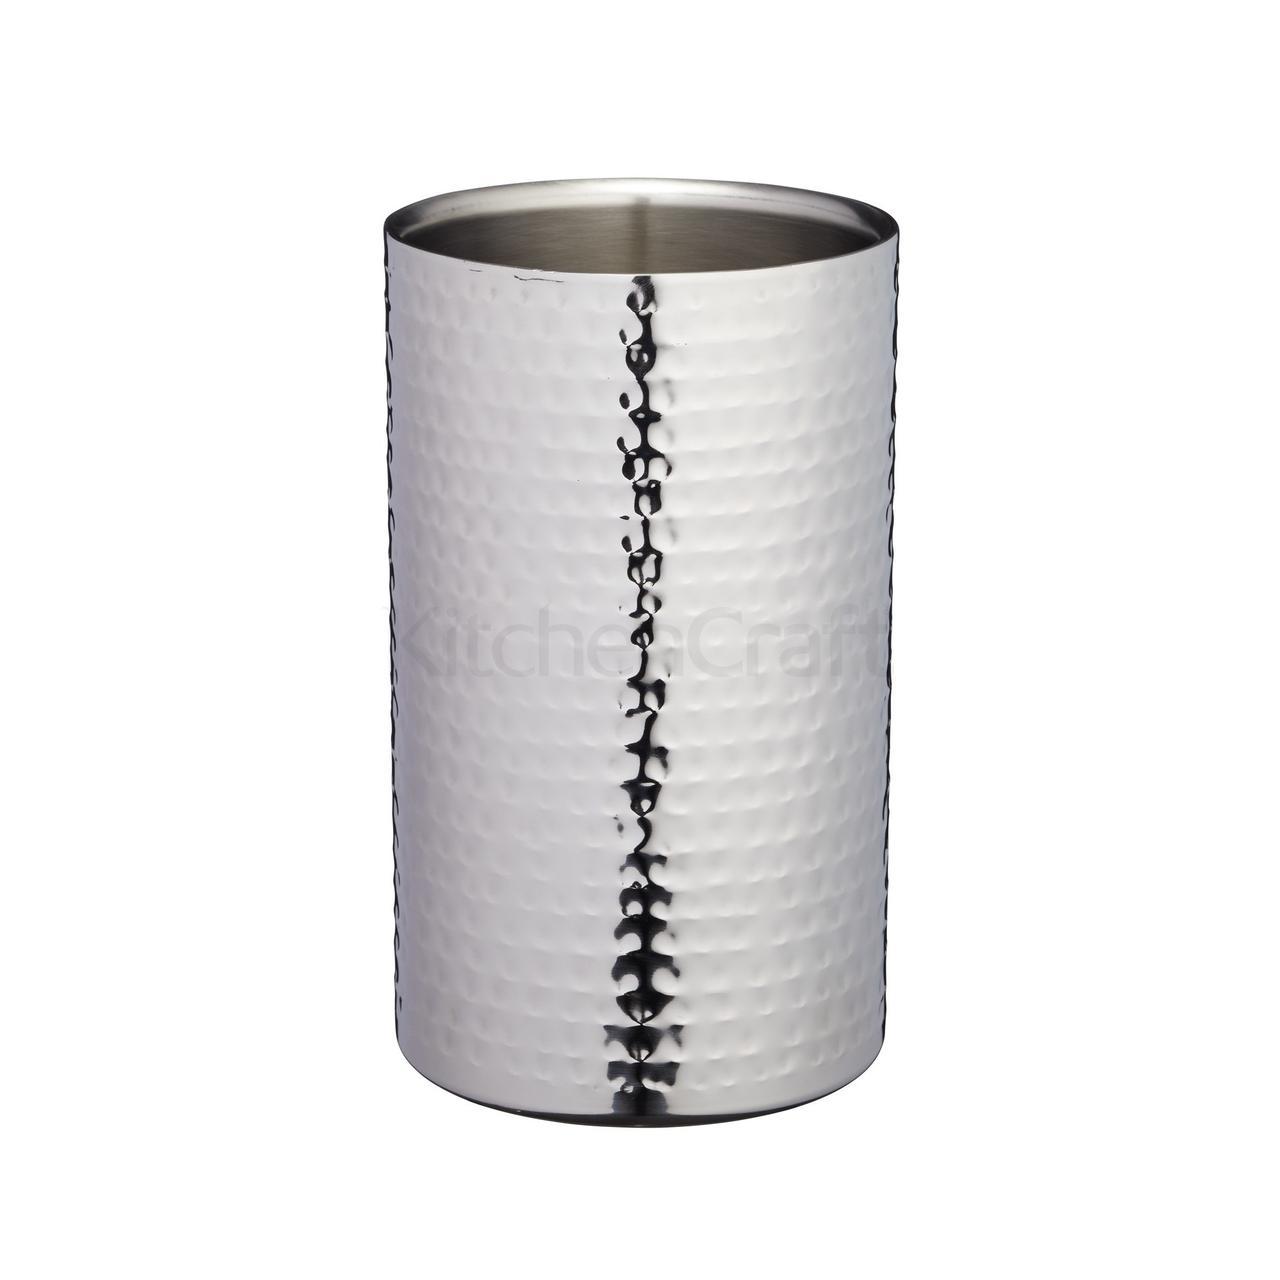 BC Ведерко для охлаждения с двойной стенкой из нержавеющей стали